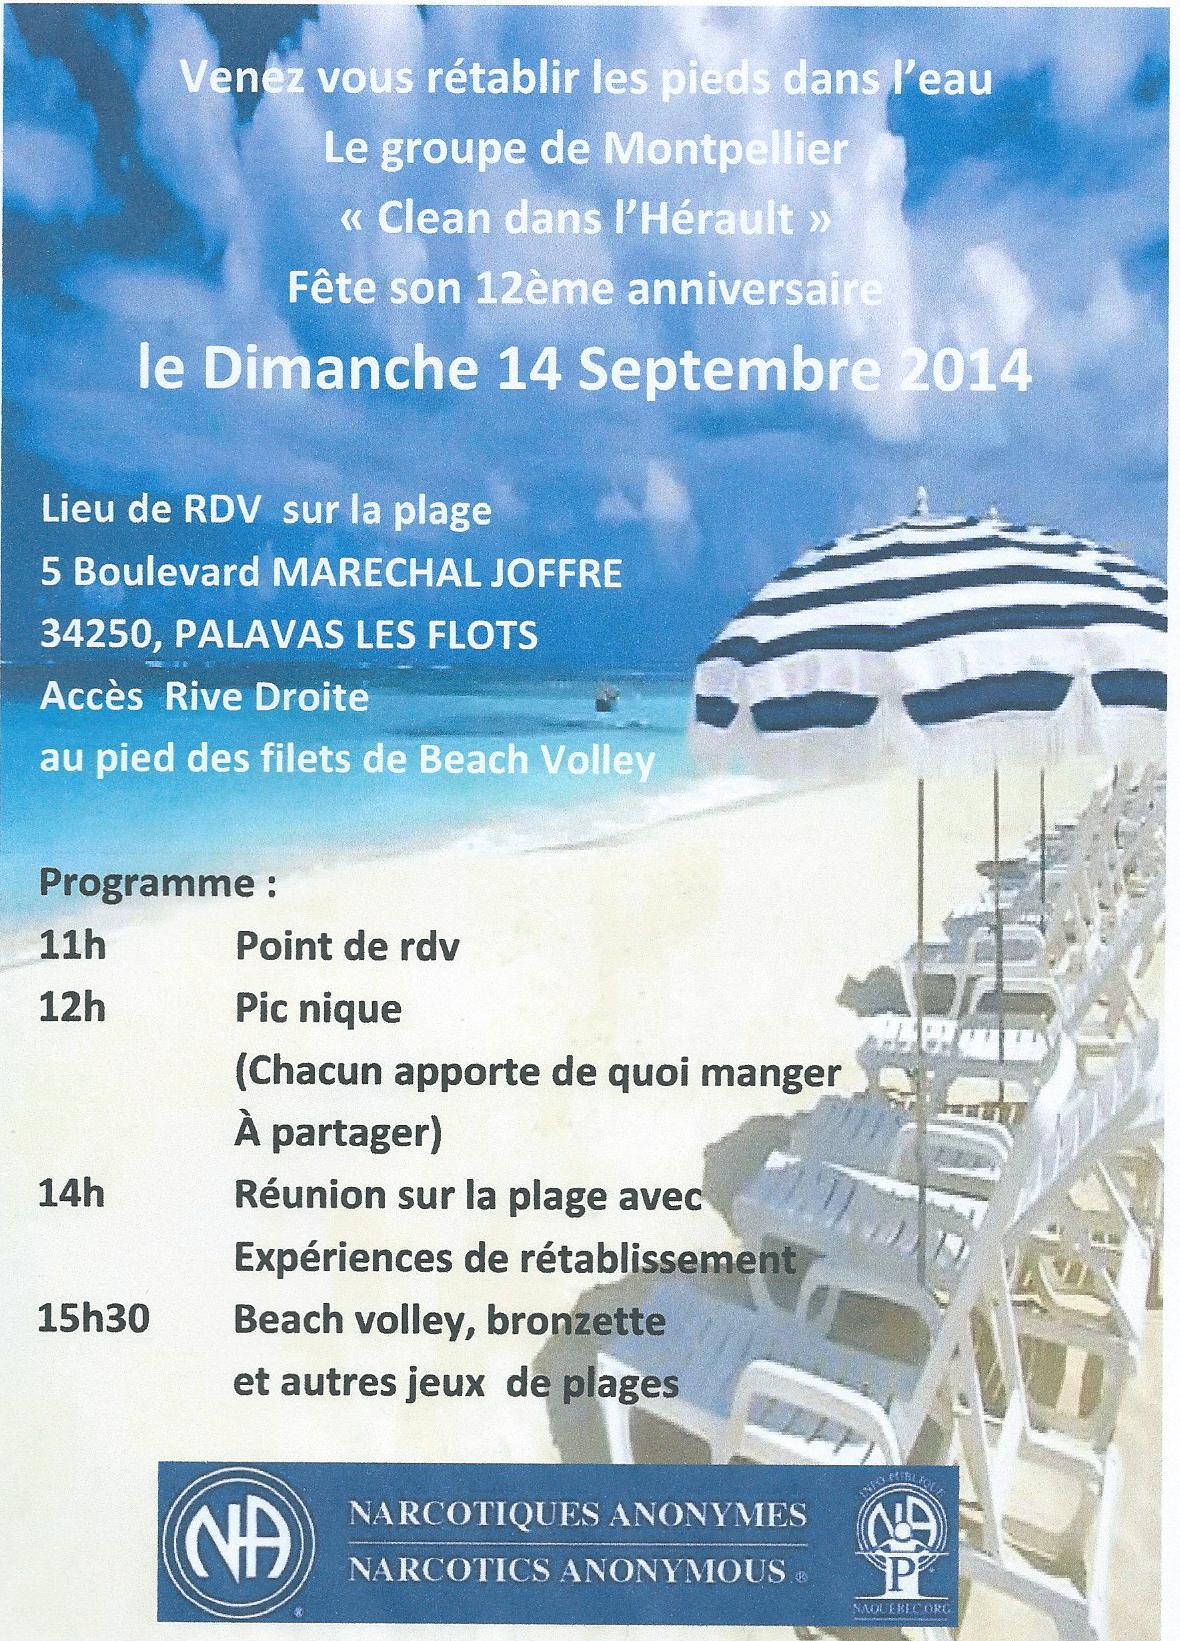 fête-Montpellier-14-sept.jpg